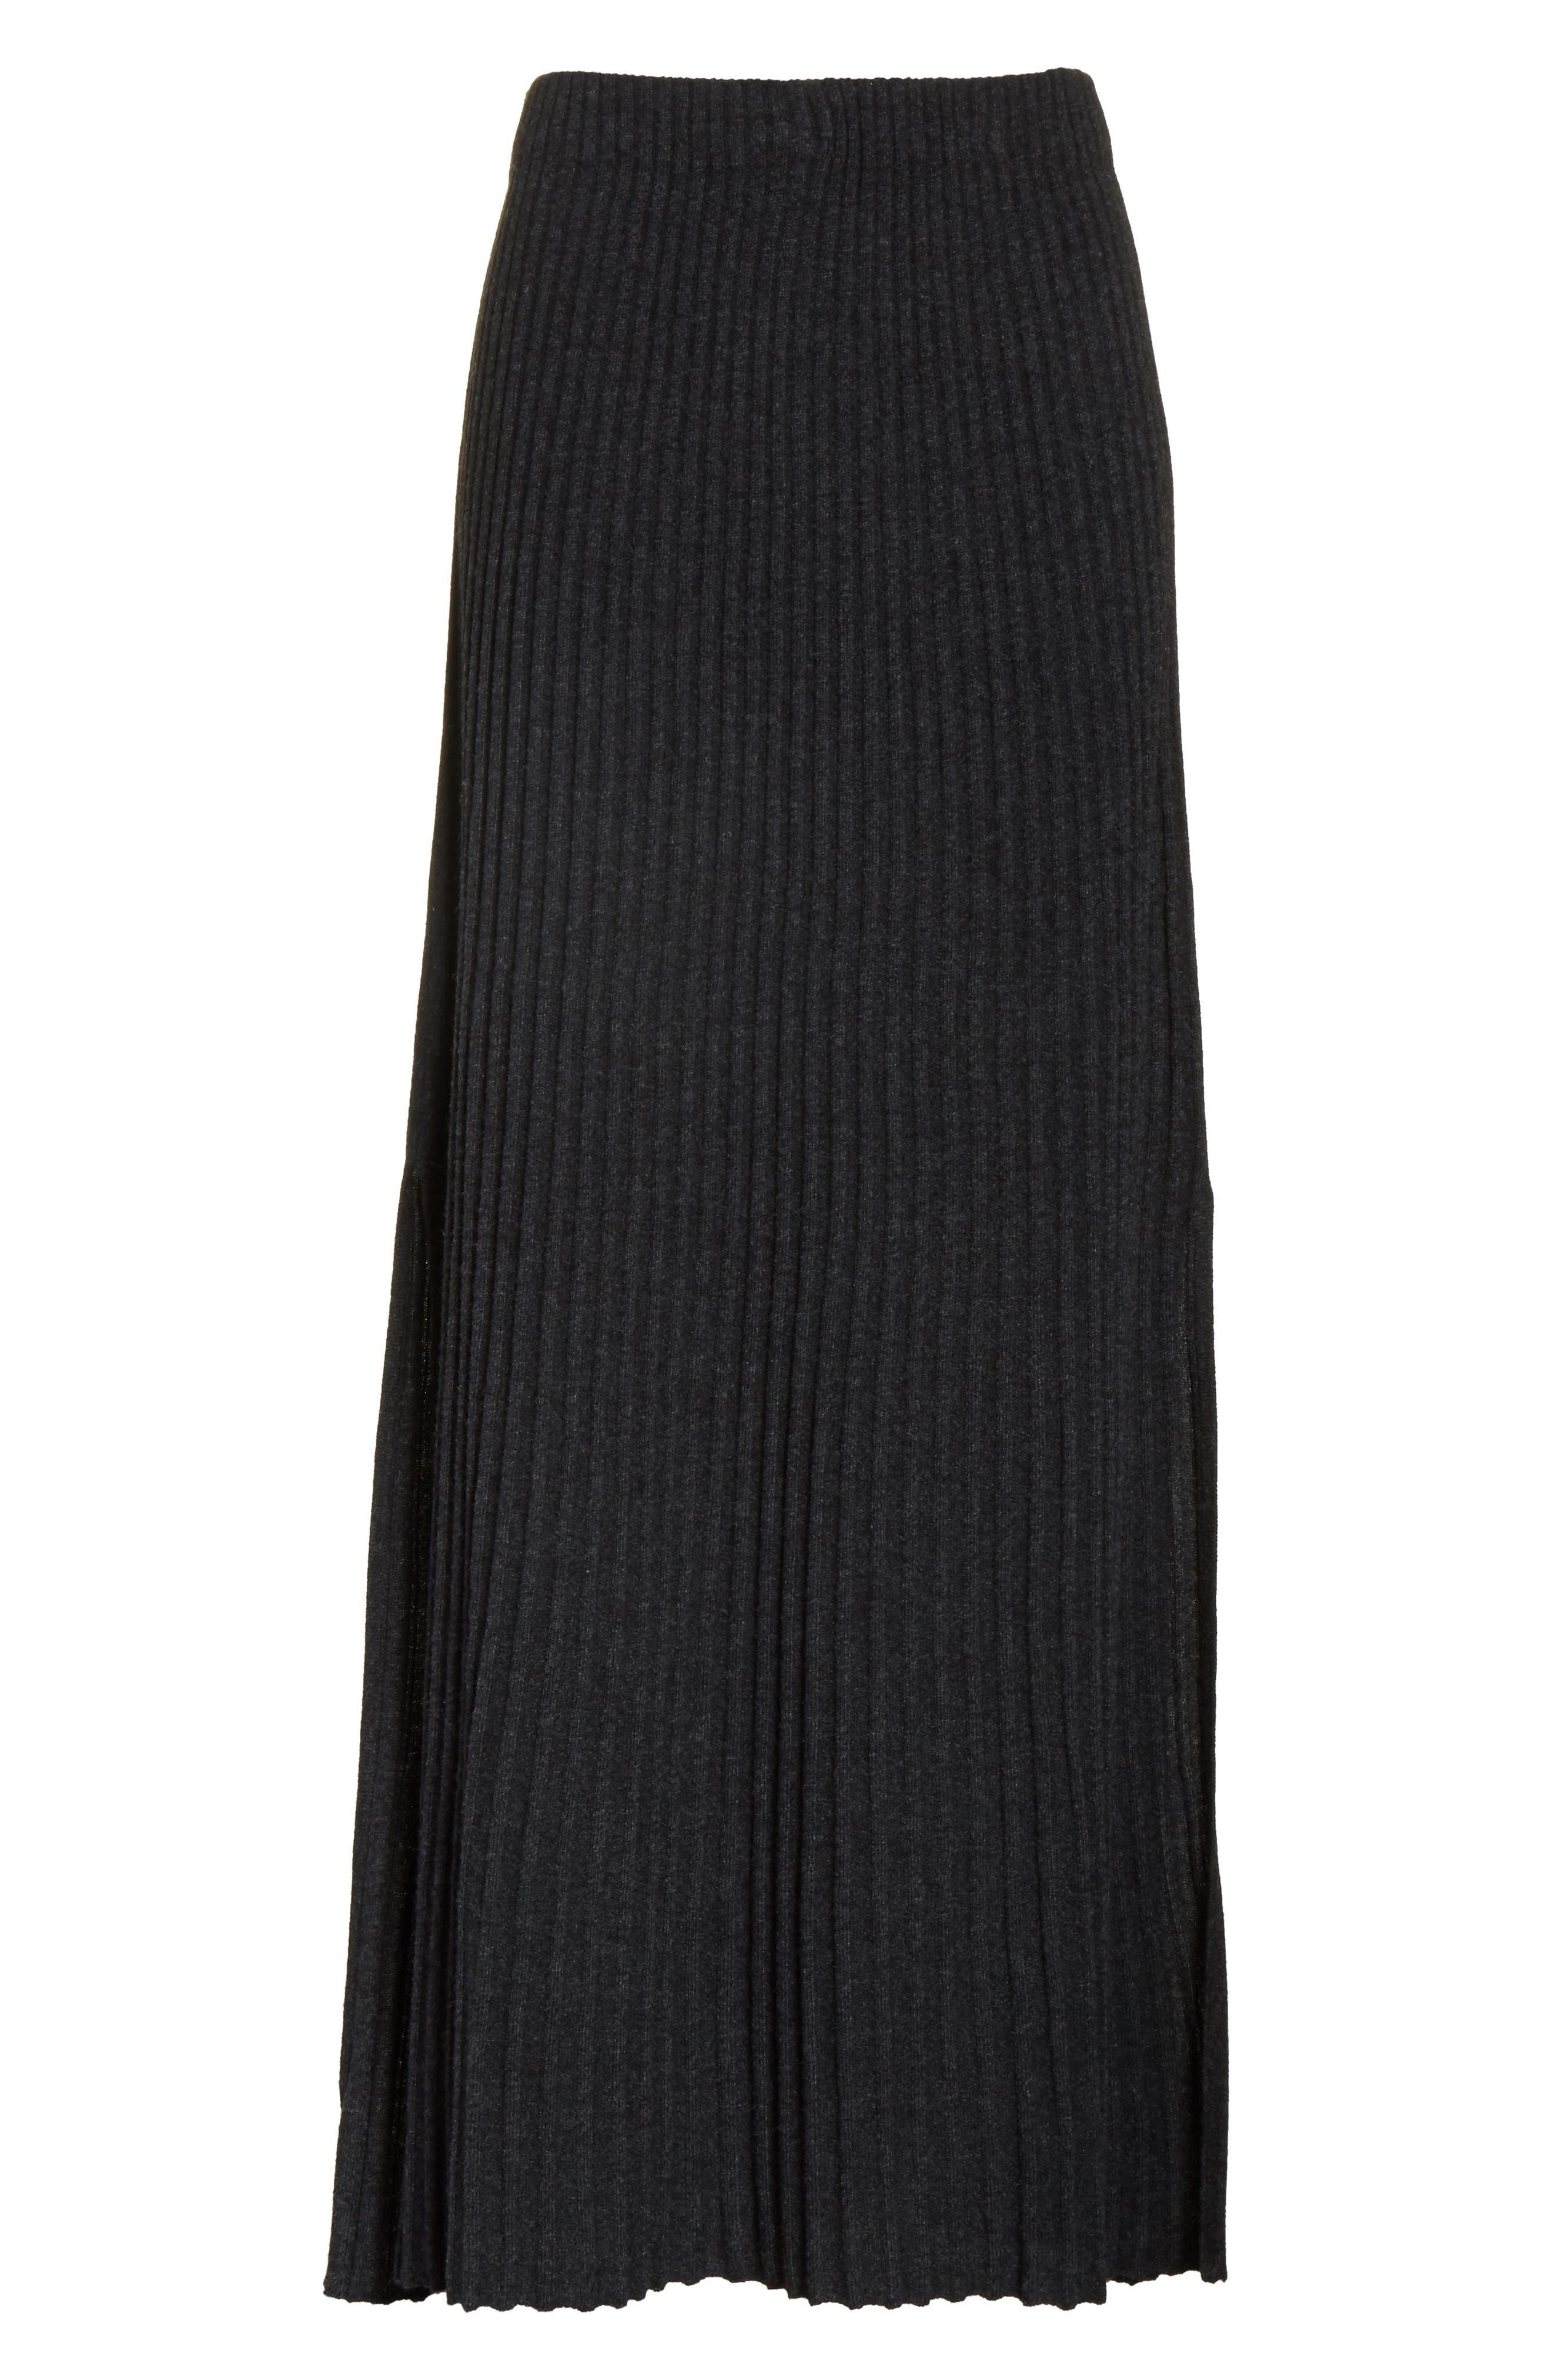 Joelle Rib Knit Maxi Skirt,                             Alternate thumbnail 6, color,                             020